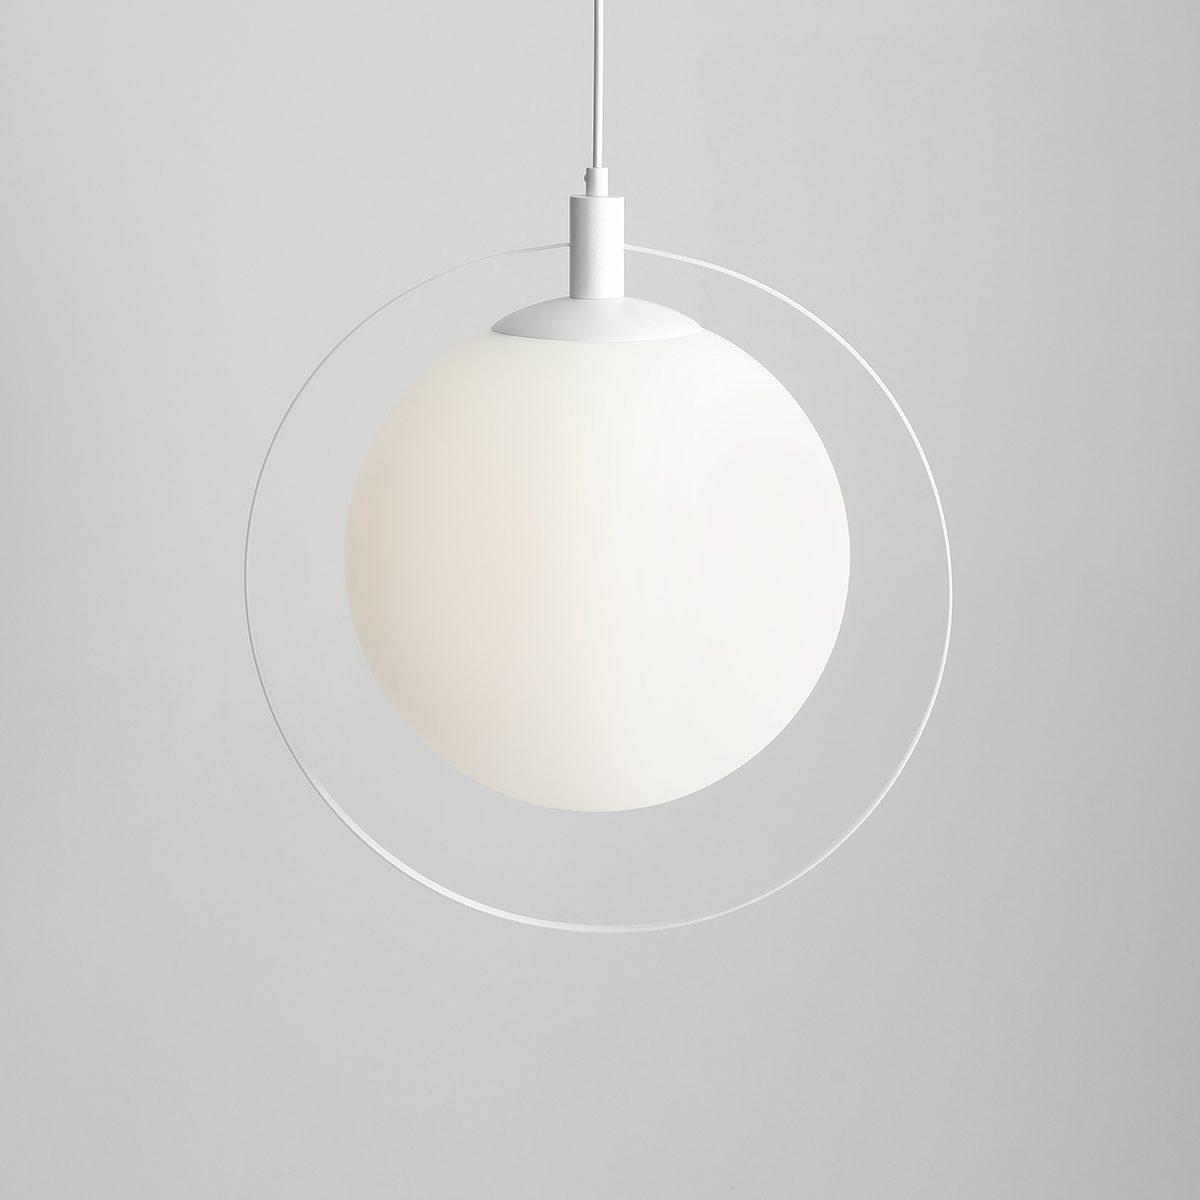 bial-lampa-wiszaca-z-okraglym-duzym-kloszem-do-sypialni